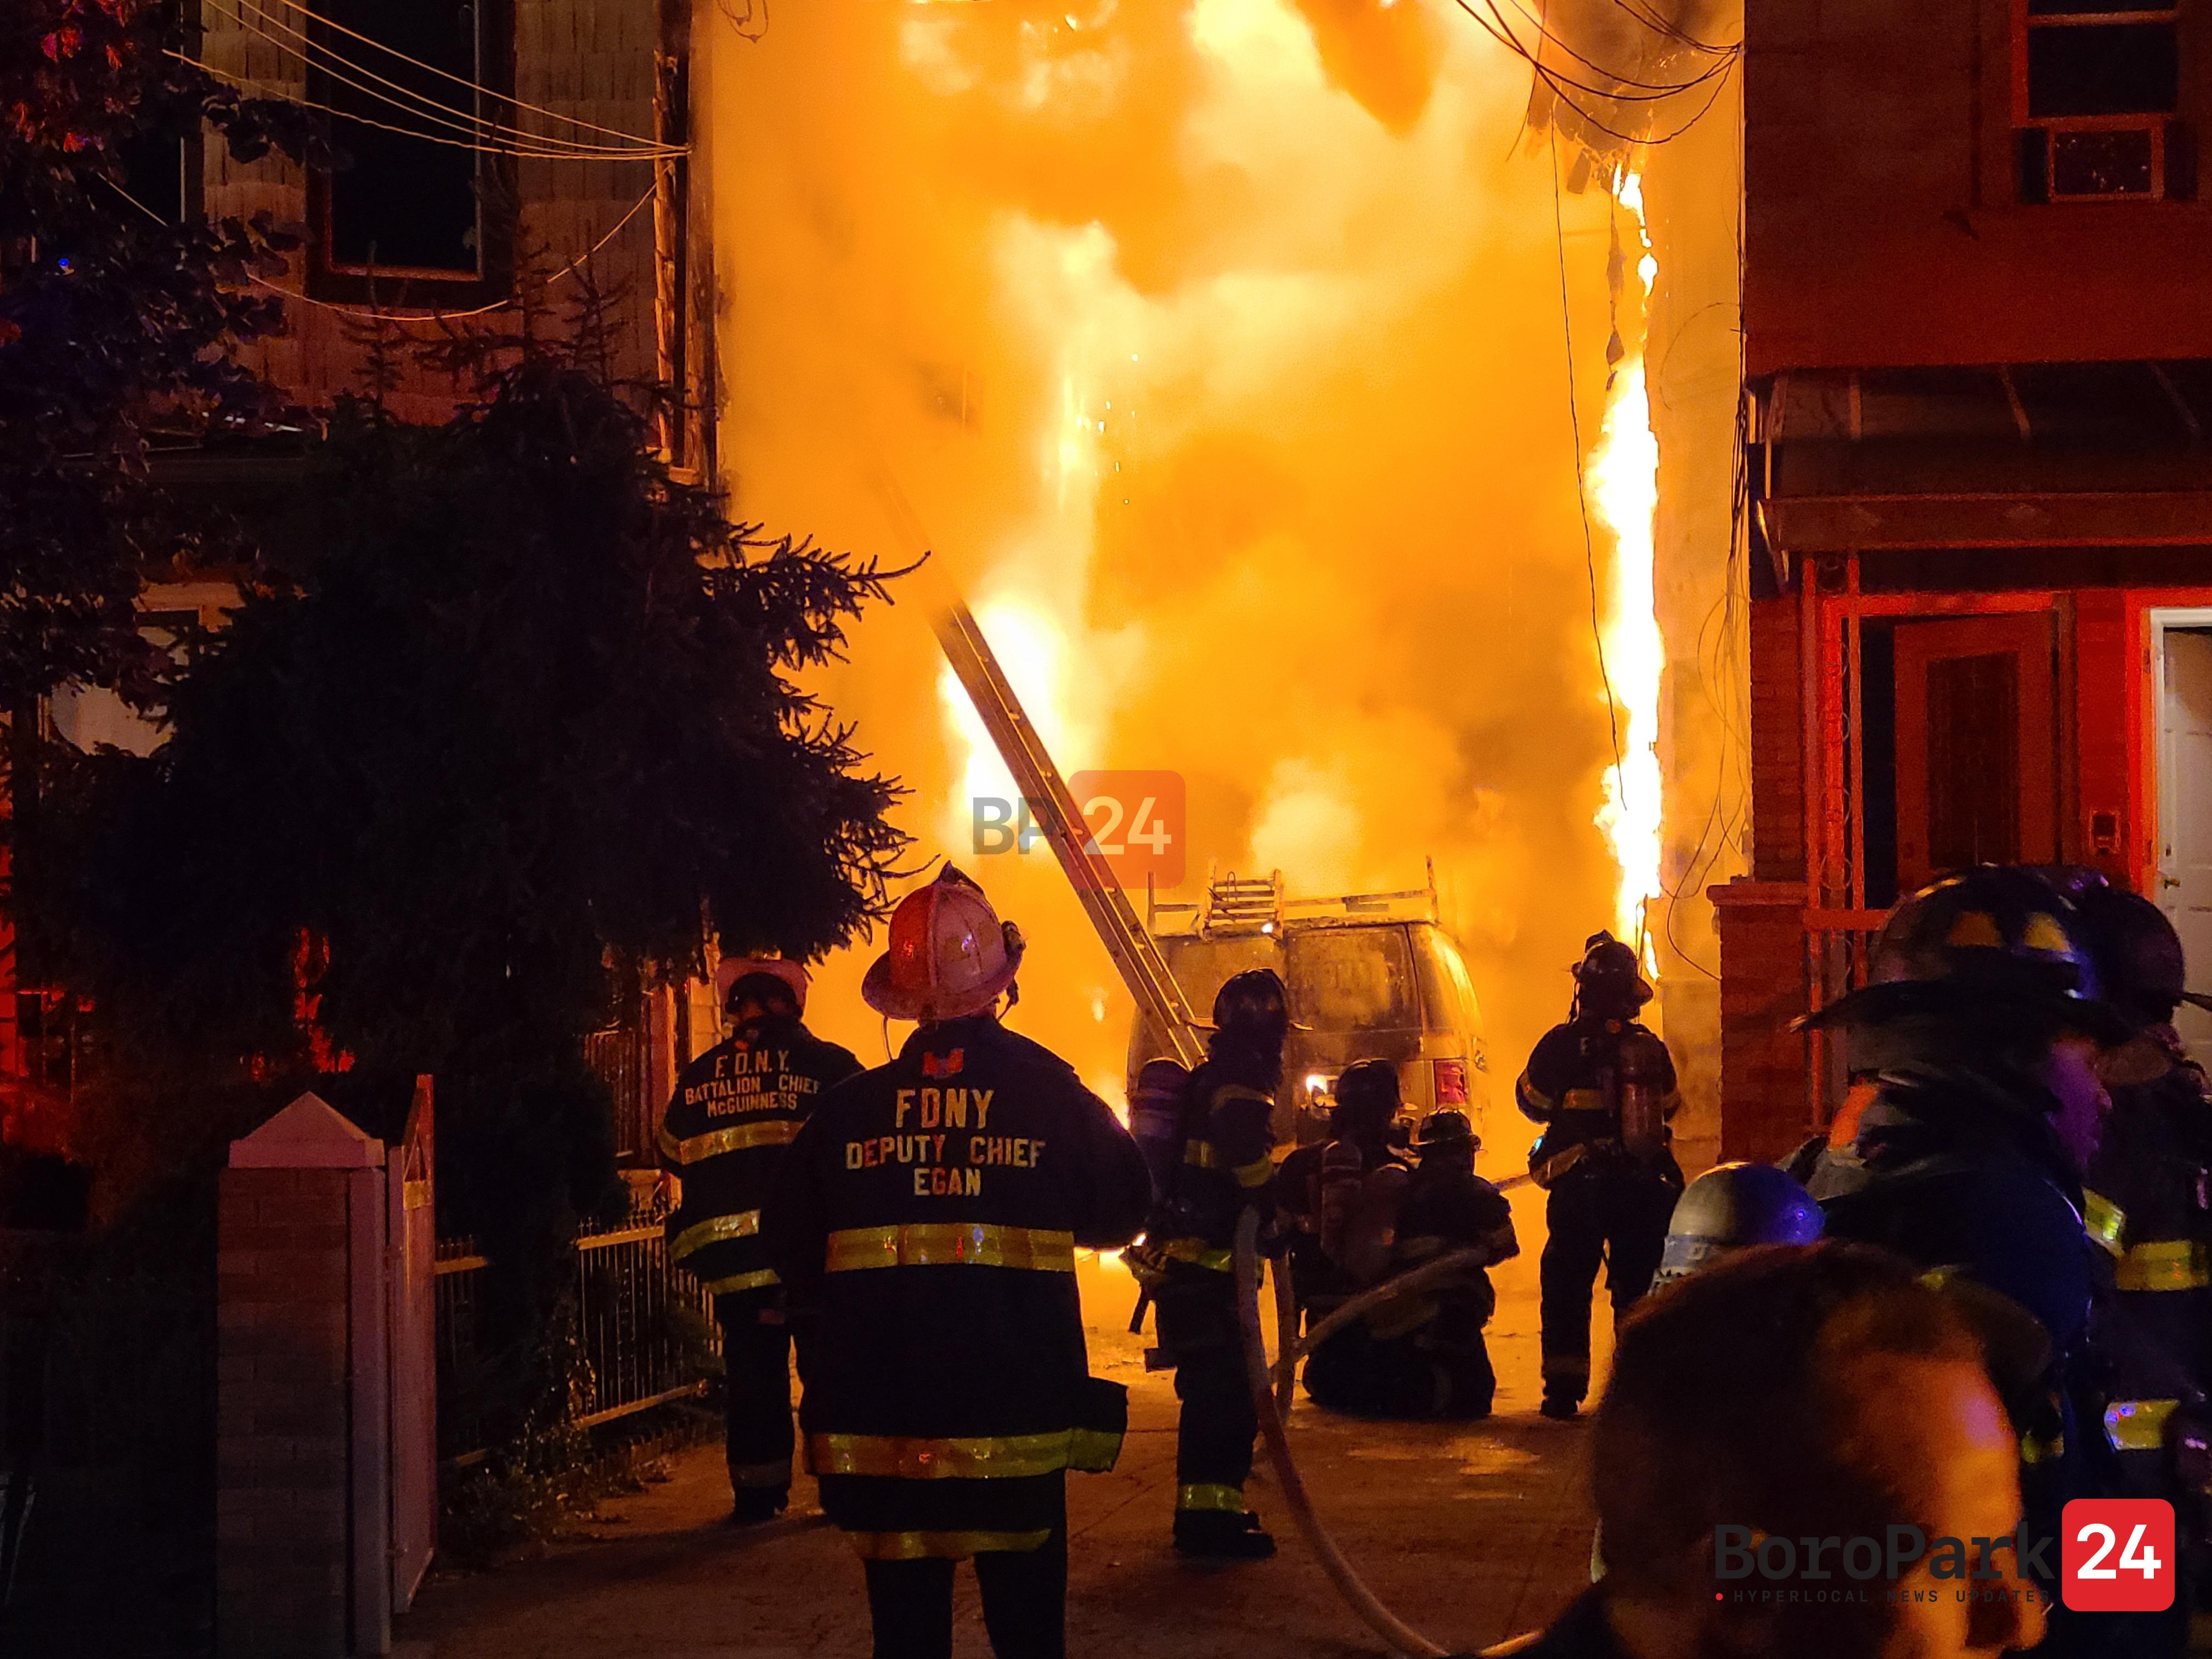 Five-Alarm Fire Rages in Bensonhurst